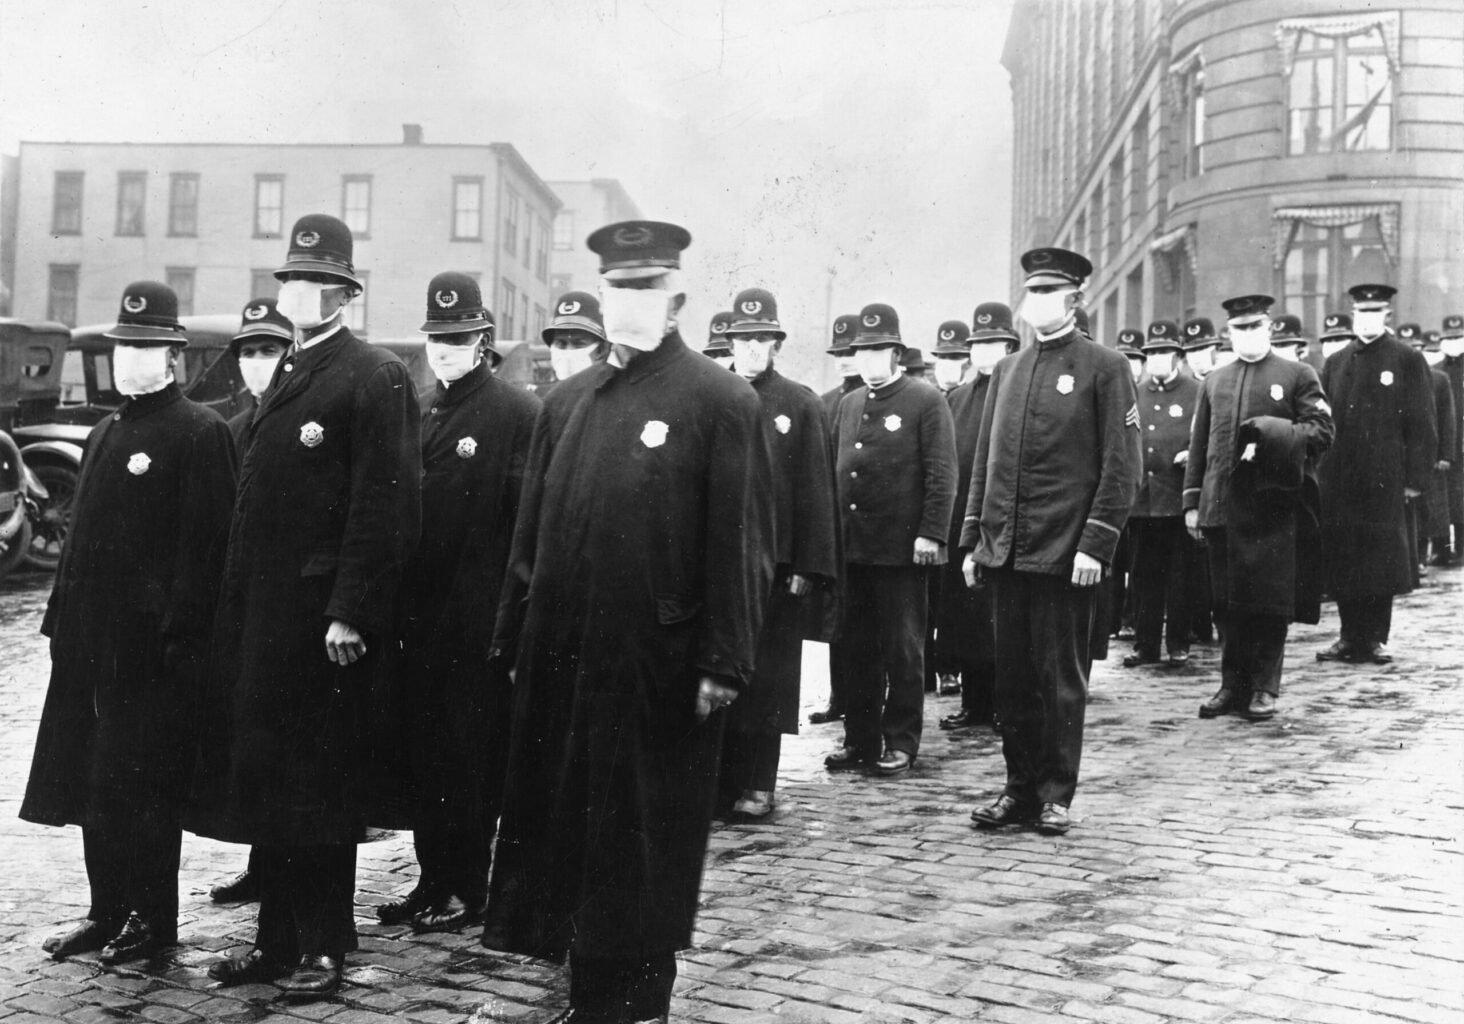 Polizisten mit einfachen Mund-Nase.Masken während der spanischen Grippe 1918